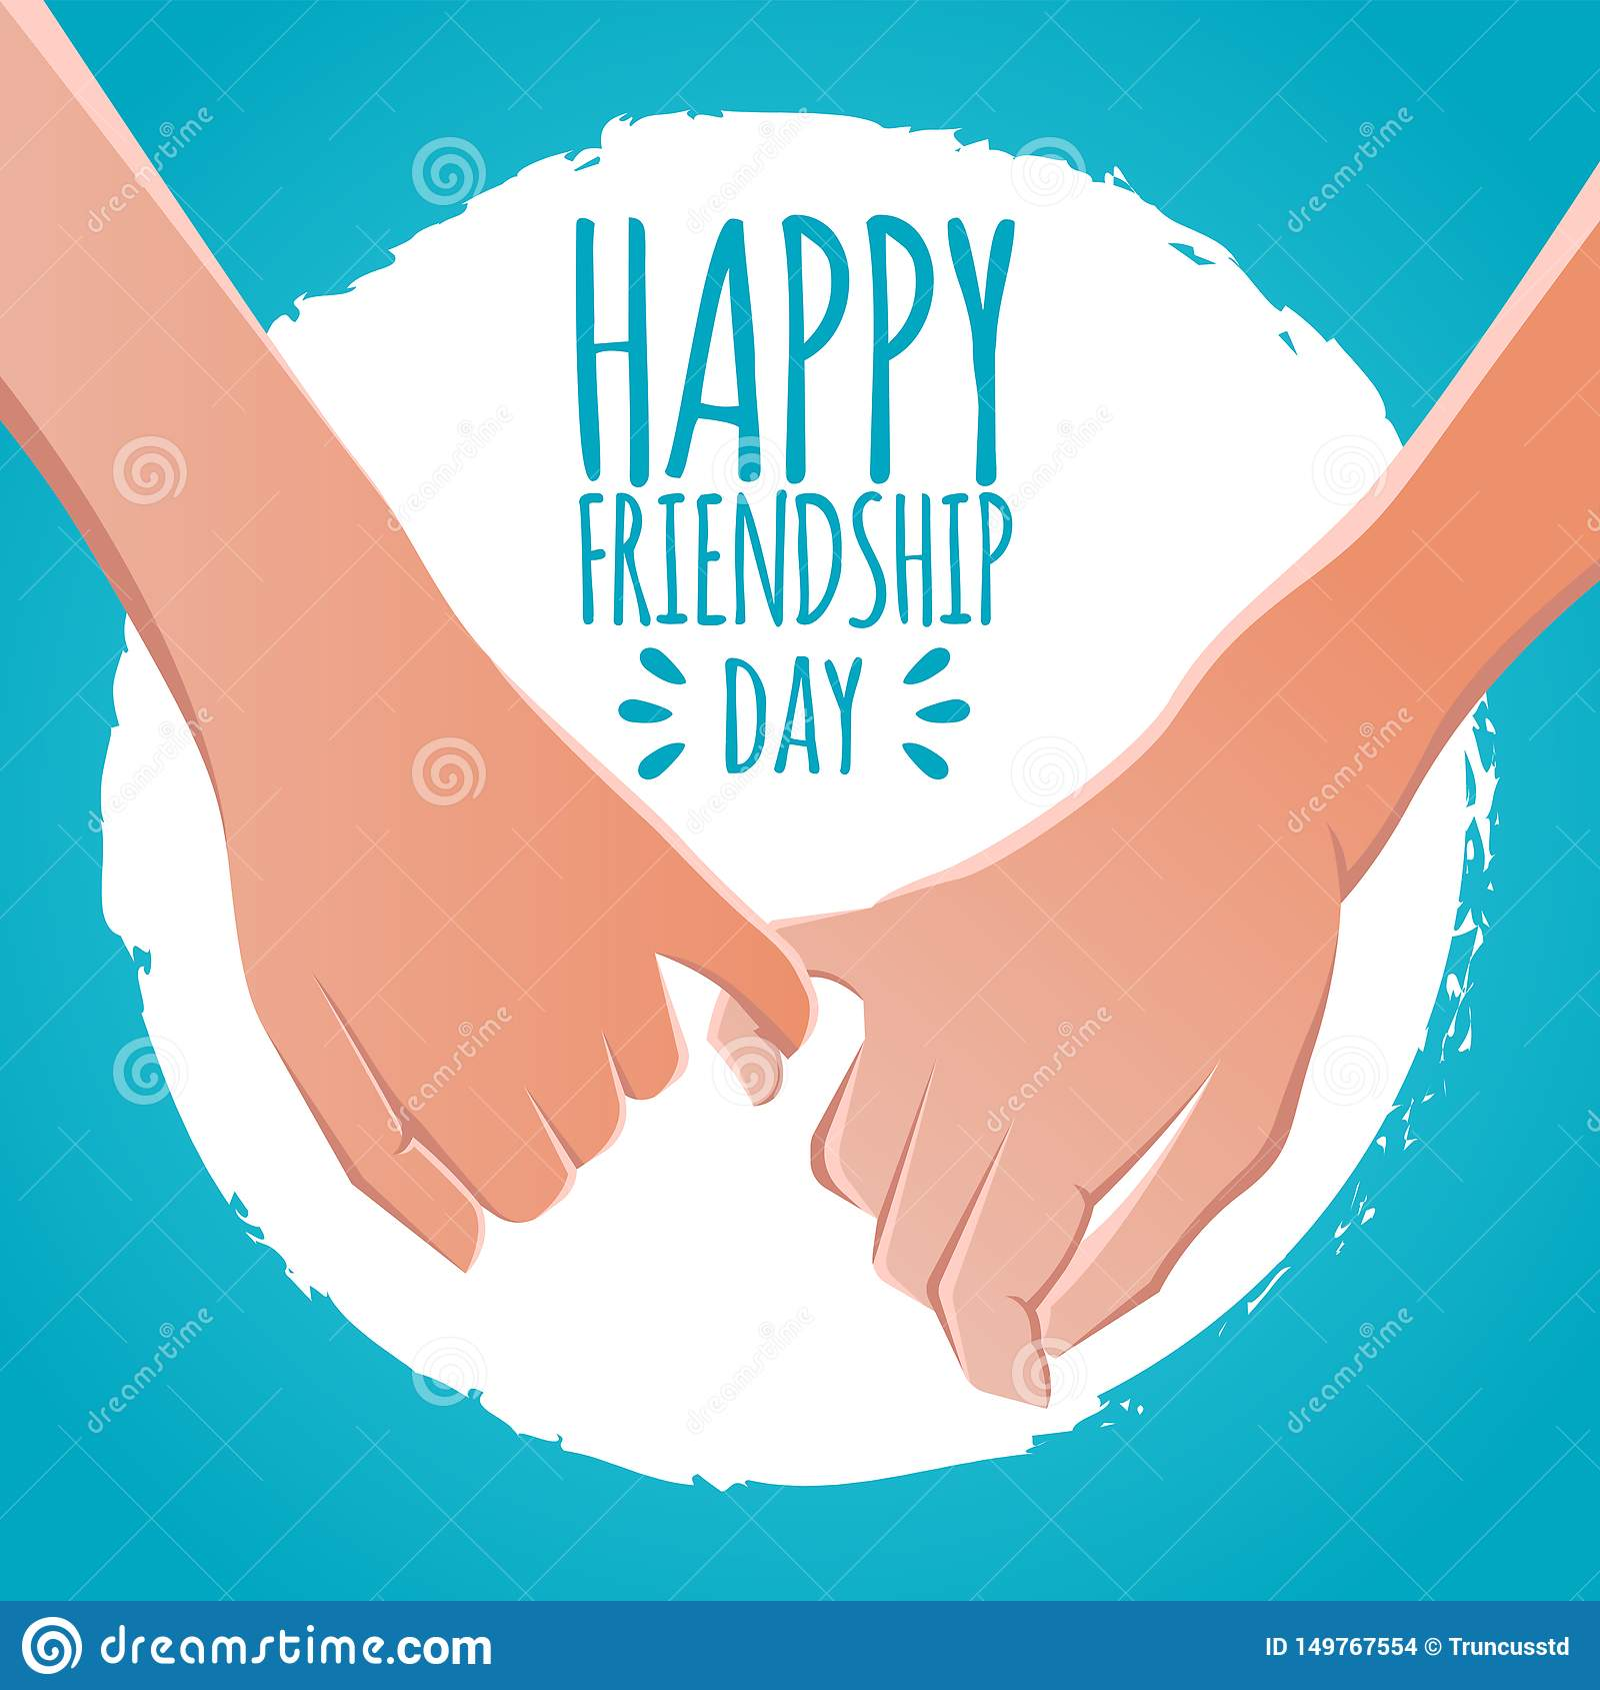 友谊天概念 手指诺言,带淡红色的诺言股票传染媒介例证 贺卡设计为愉快的友谊天